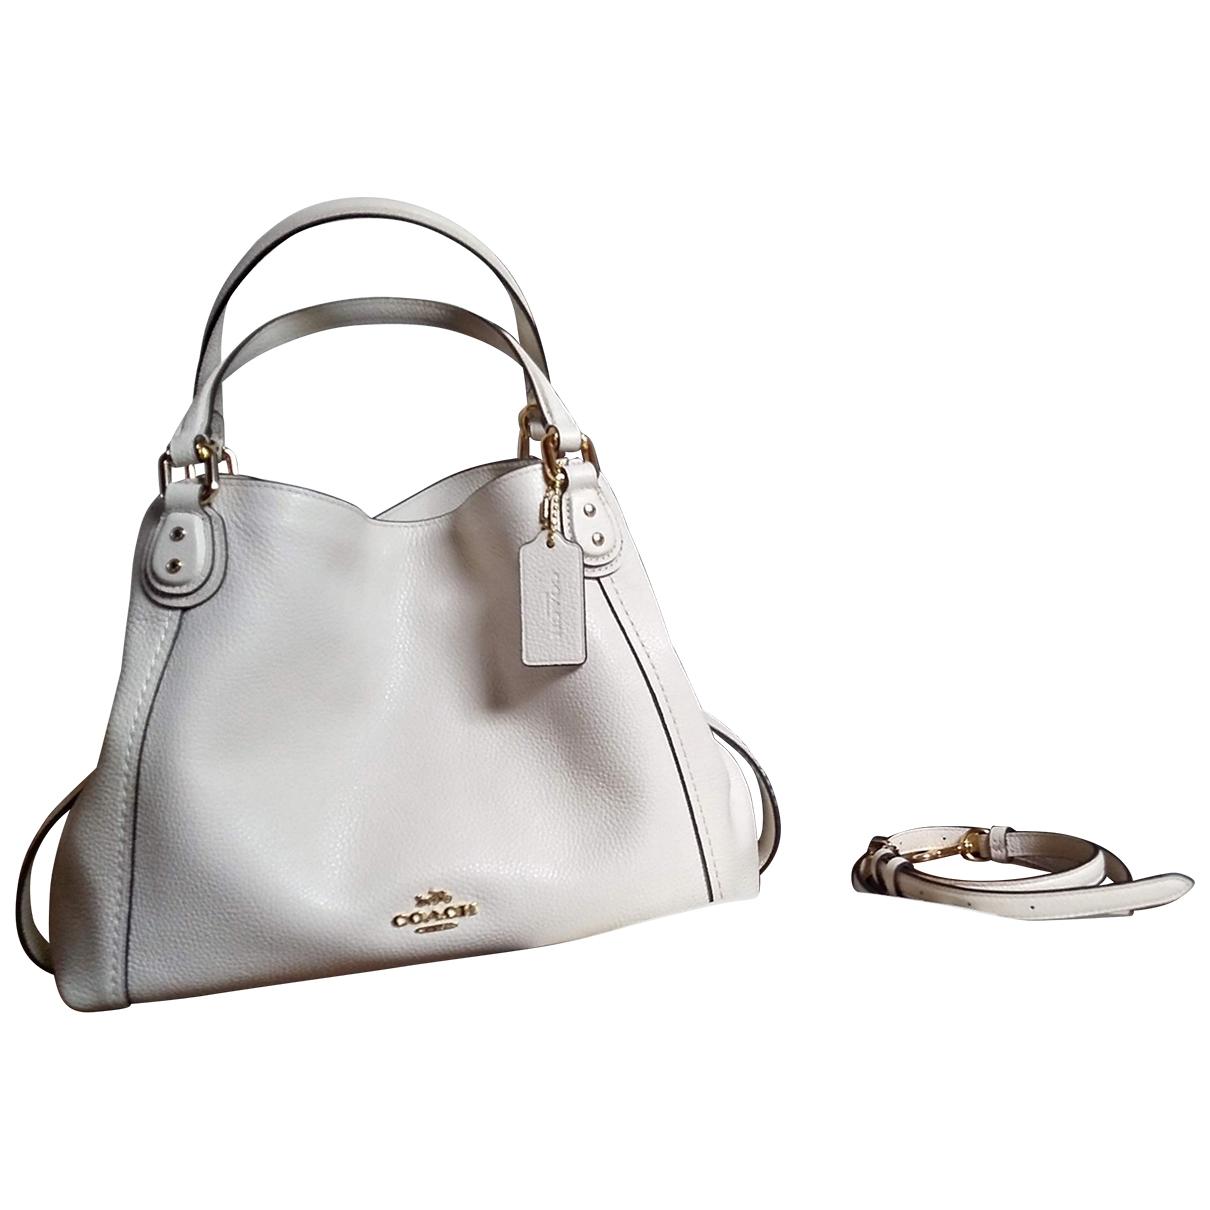 Coach Edie Ecru Leather handbag for Women N